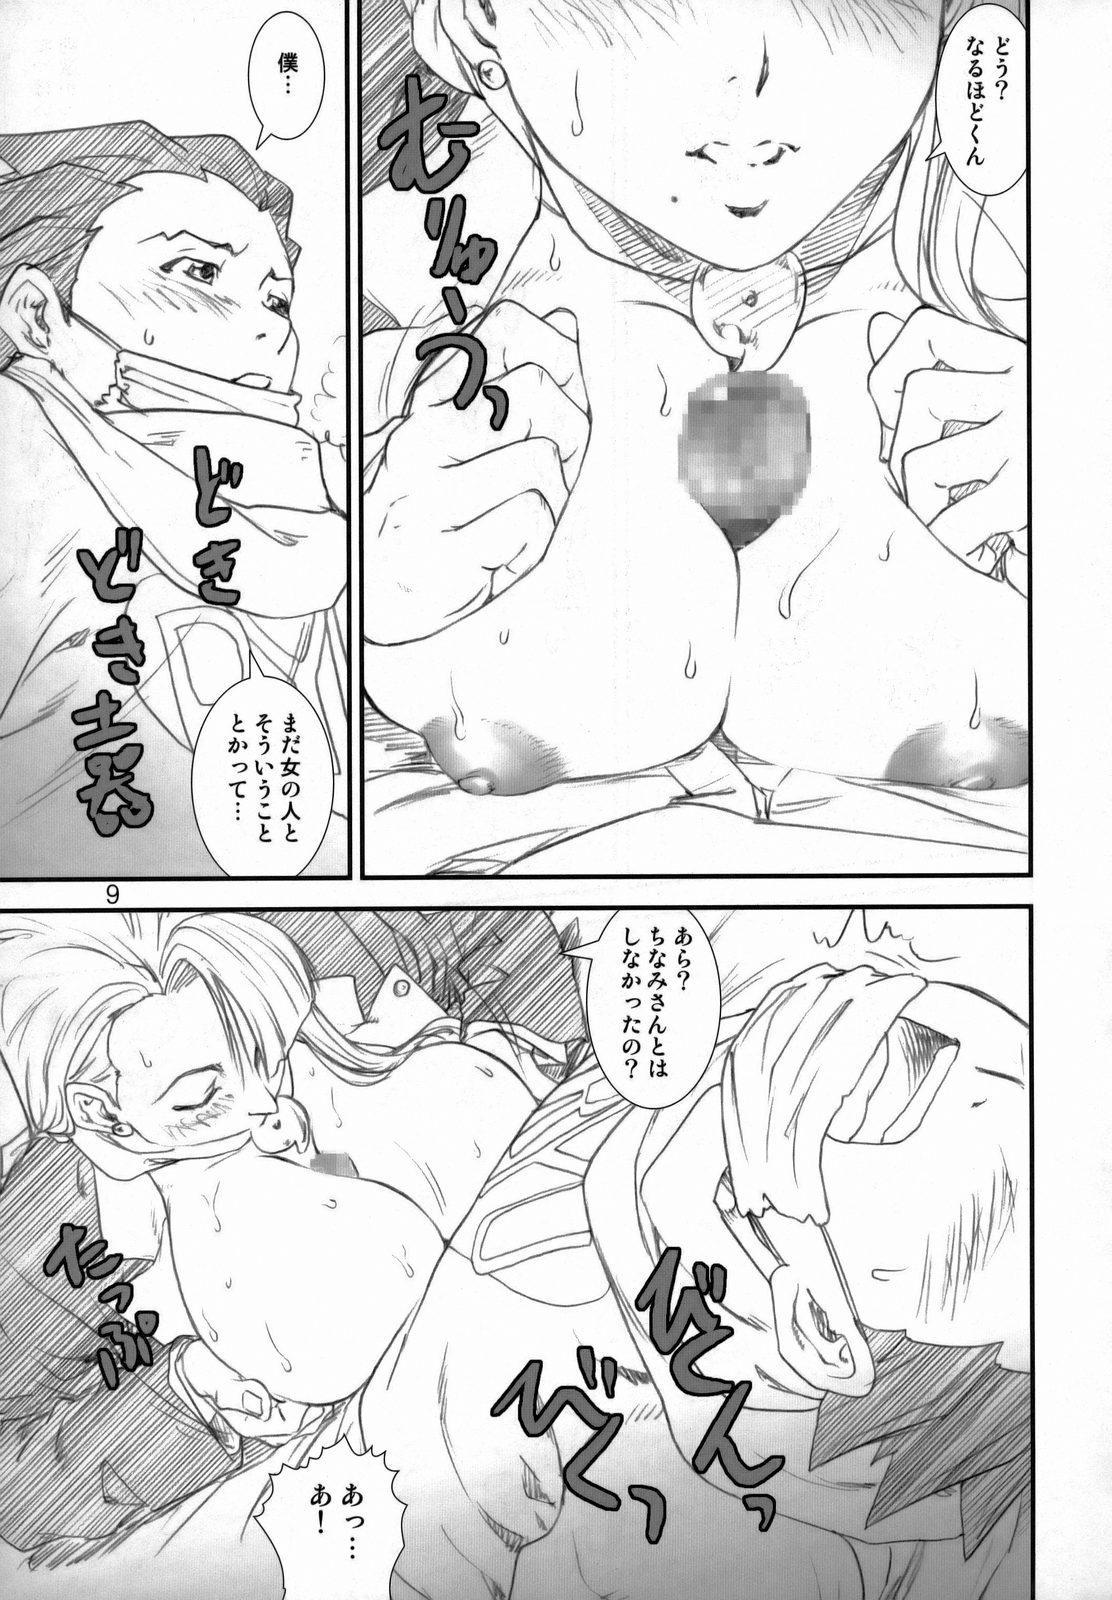 Kikan Yumi Ichirou Dai 8 Gou 7